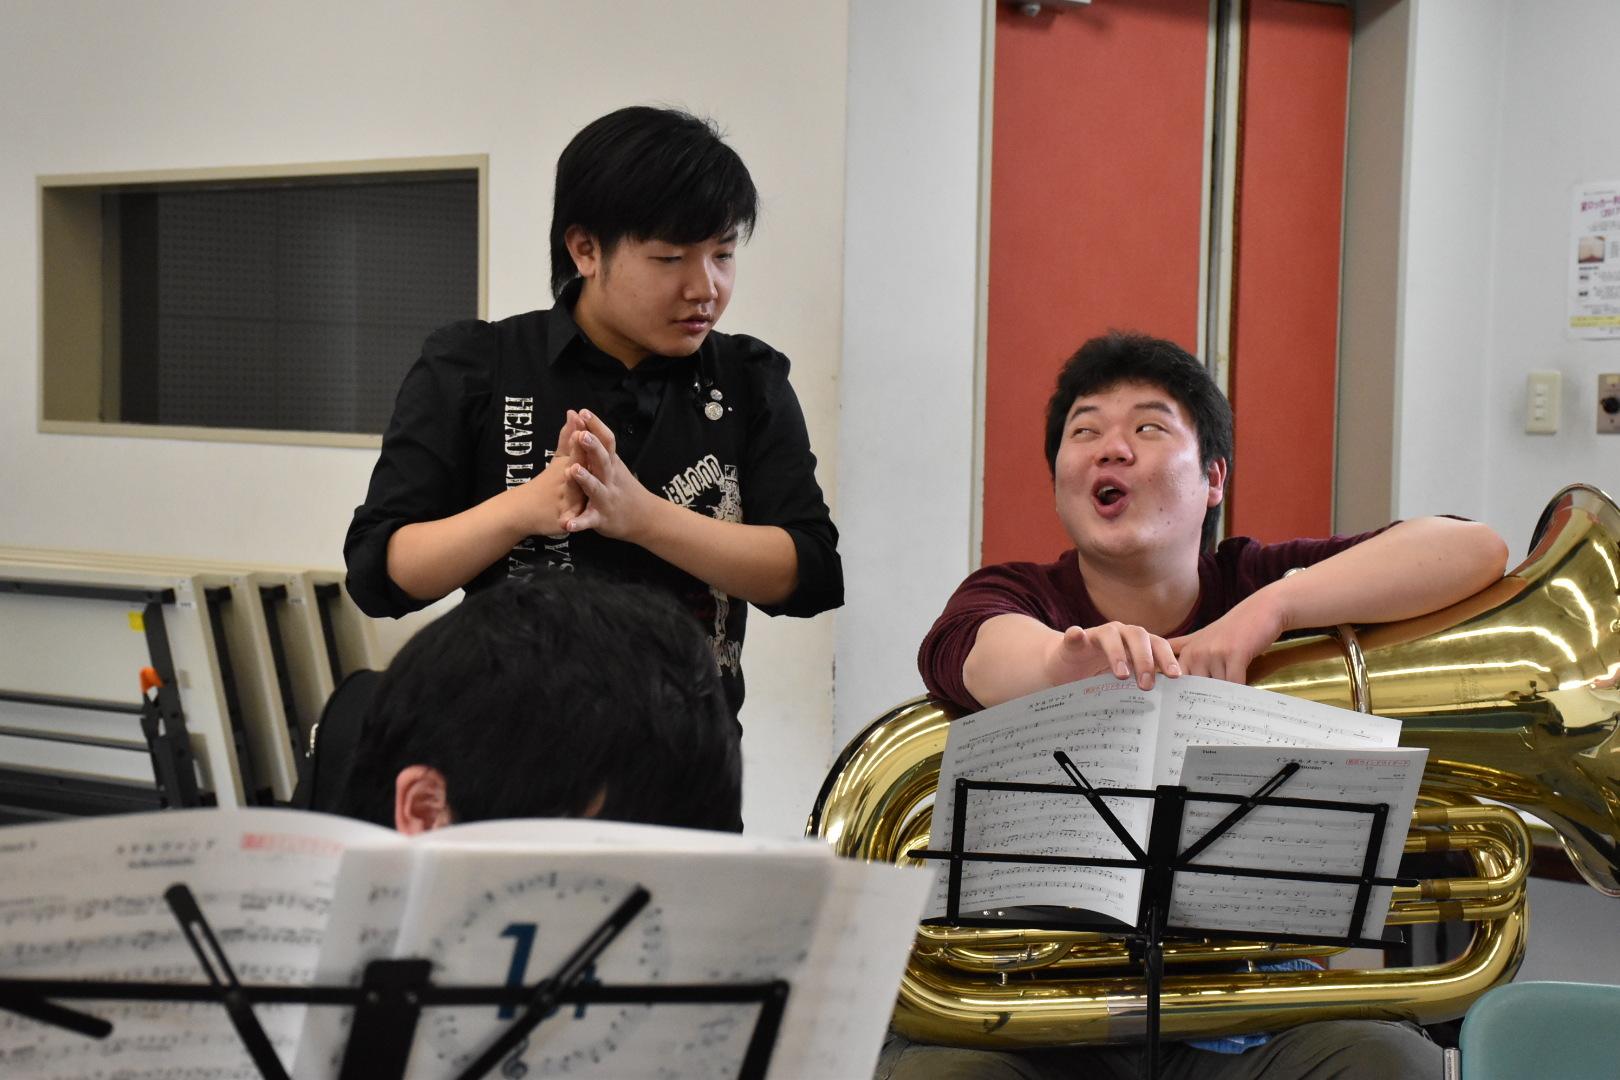 横浜市の一般吹奏楽 ユーフォニアム募集中!